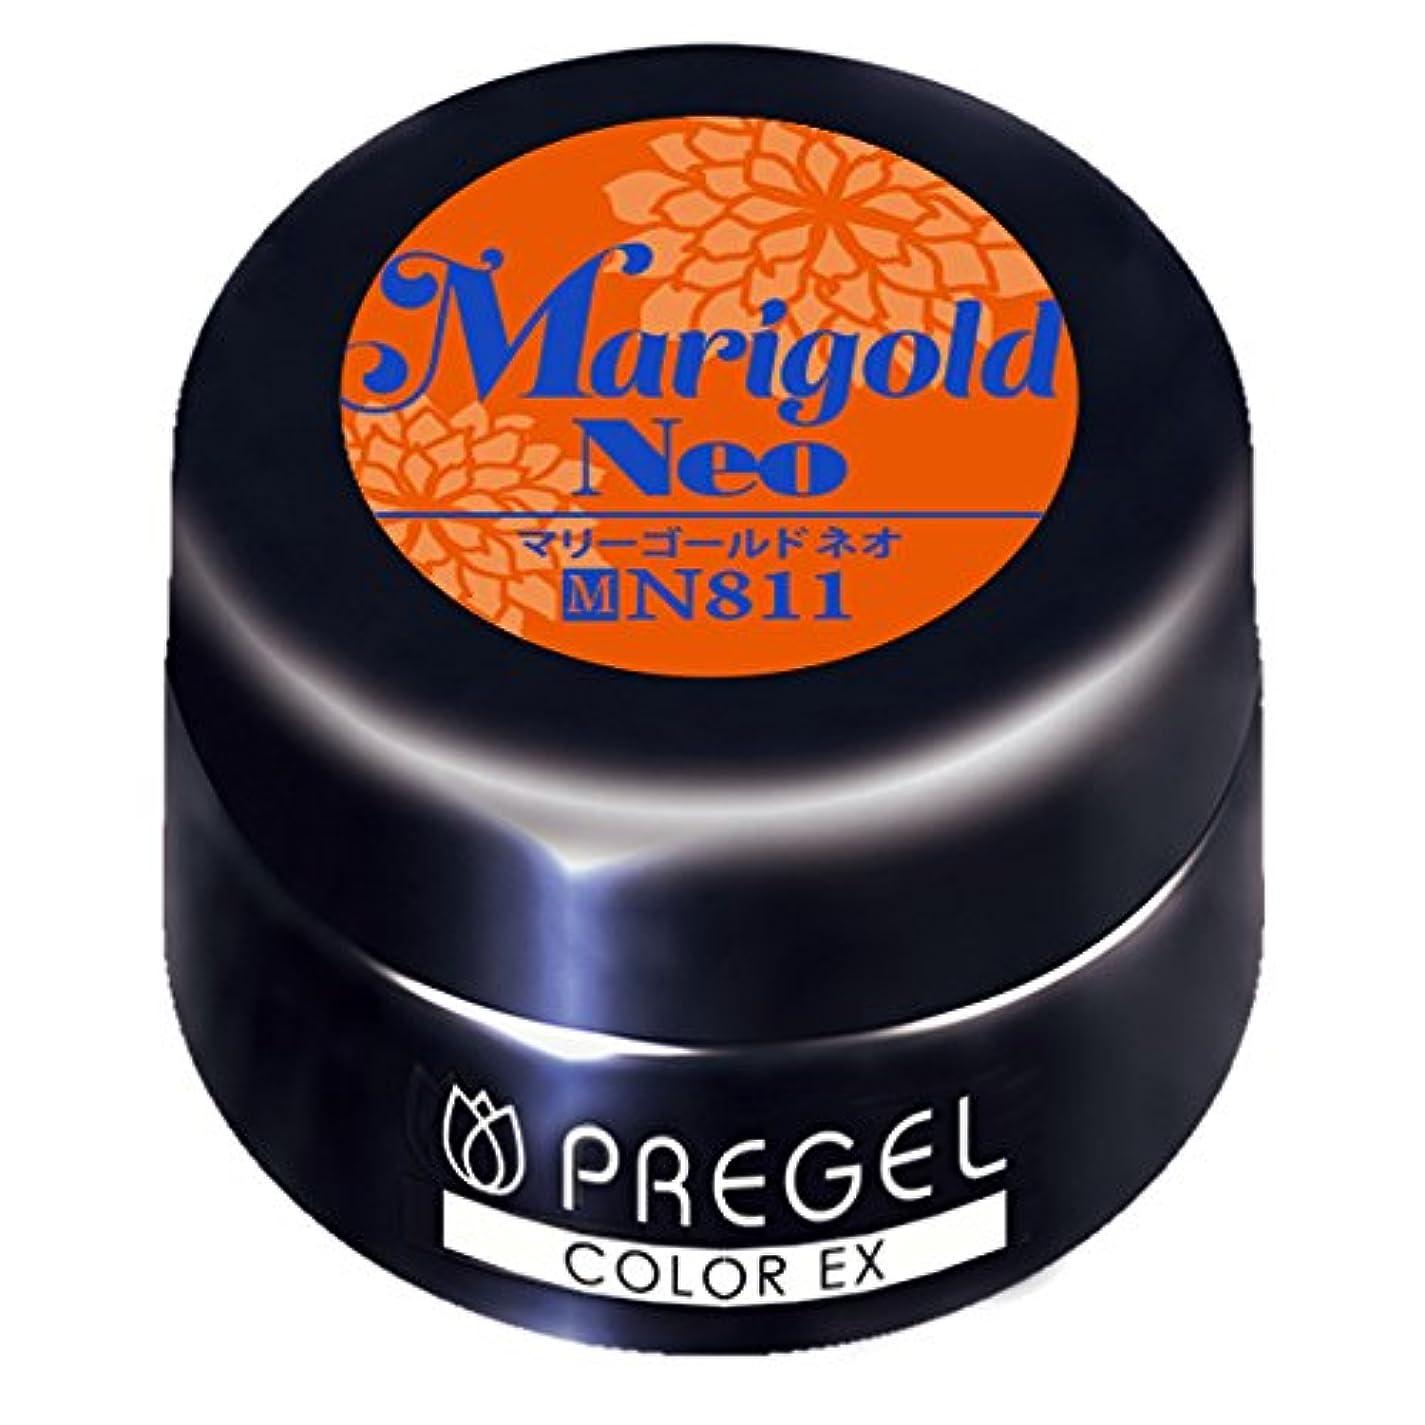 ワンダーやけど独特のPRE GEL カラーEX マリーゴールドneo 811 3g UV/LED対応